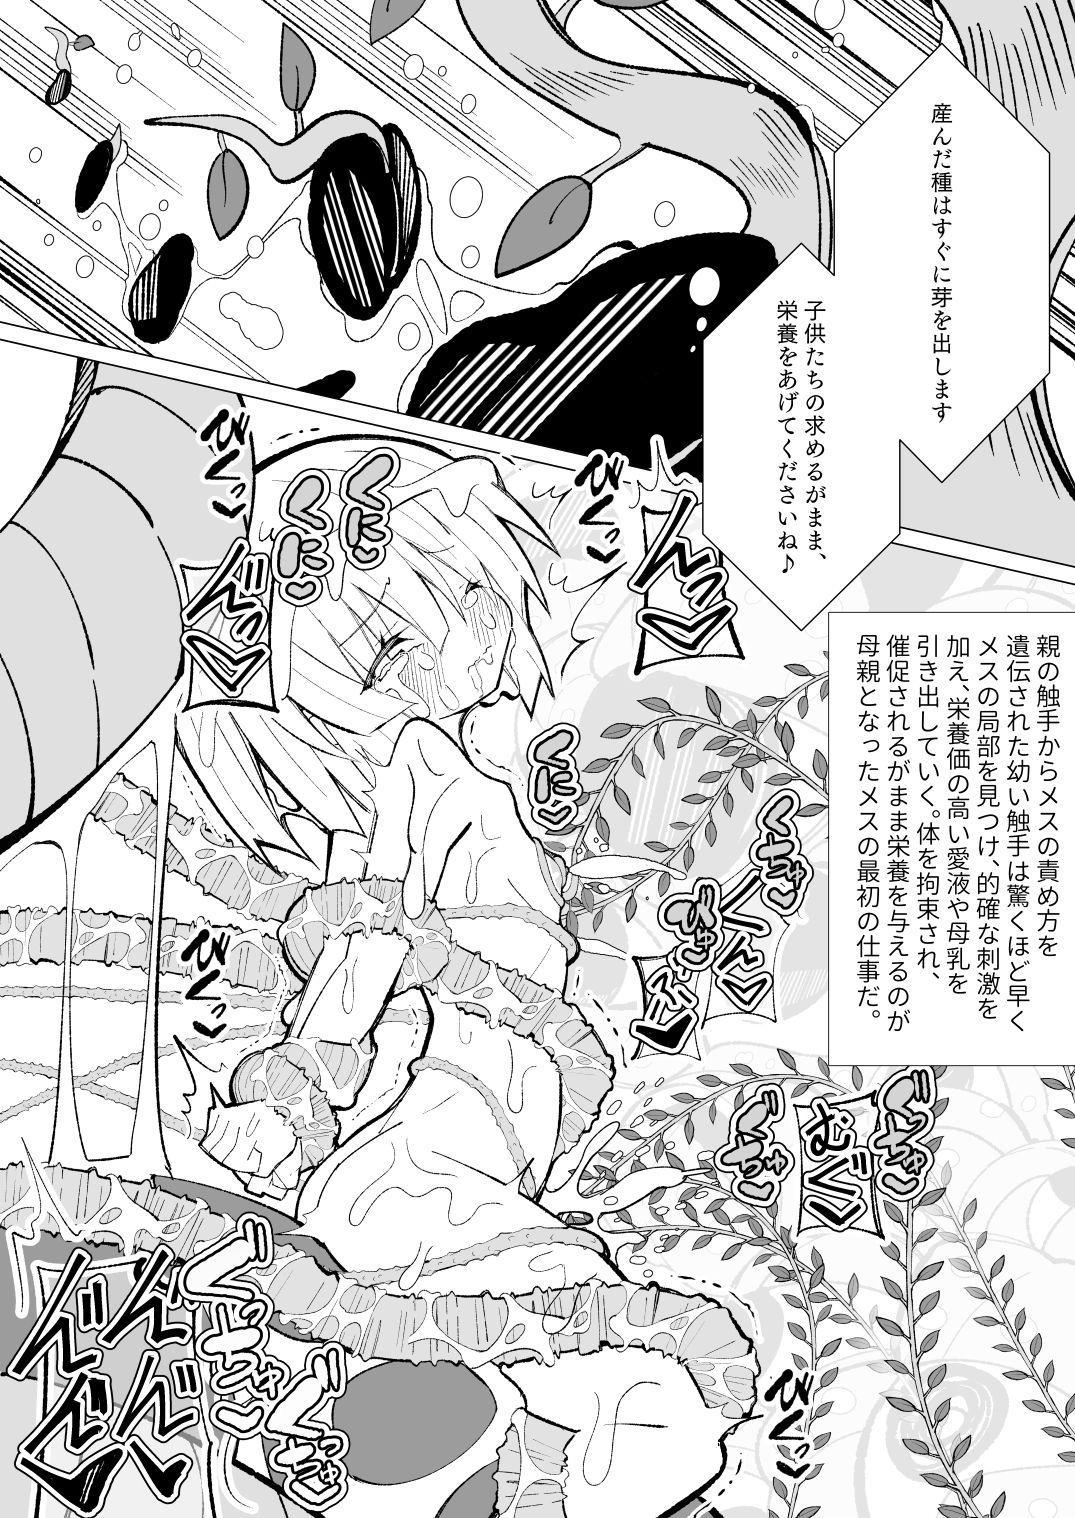 Ishu kan fūzoku-gai3 shokubutsu shokushu × rori 76